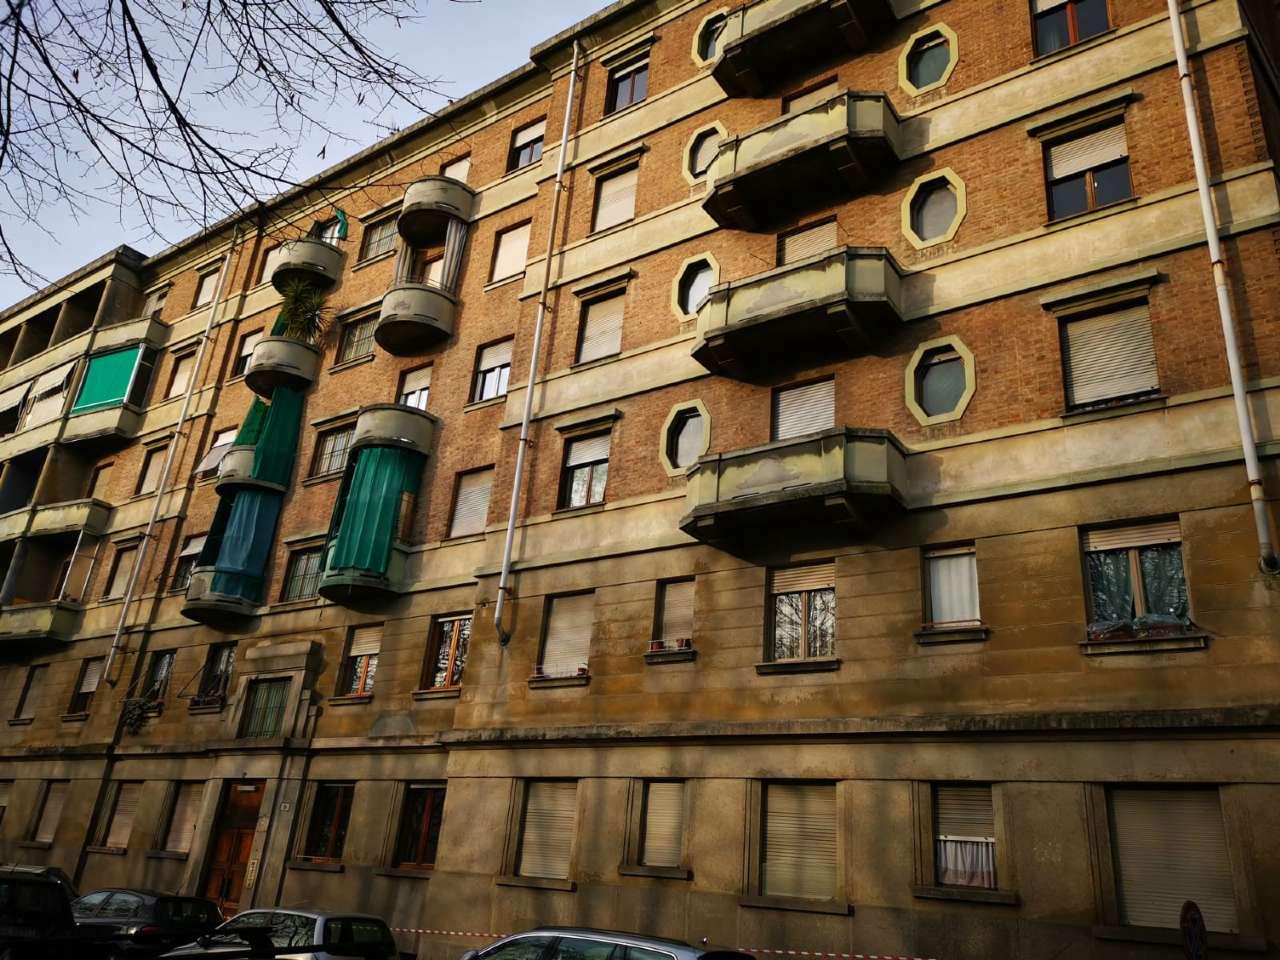 Appartamento in vendita Zona Barriera Milano, Falchera, Barca-Be... - Via Alimonda 9 Torino